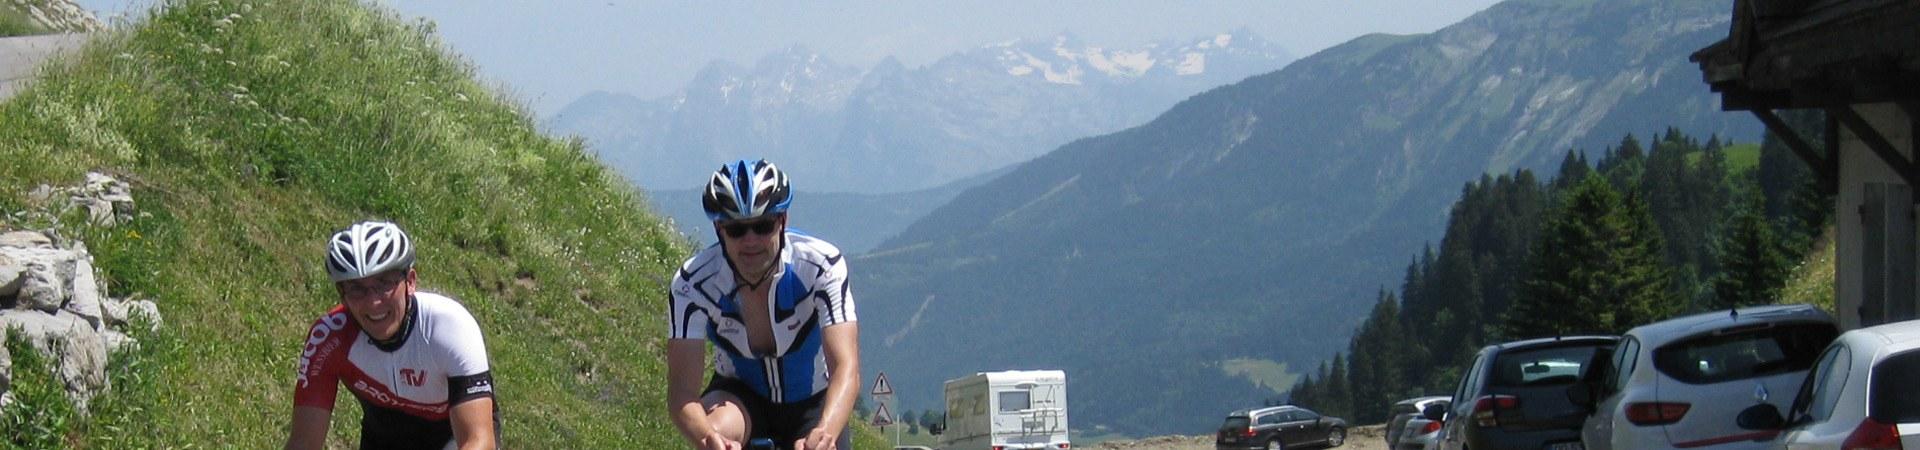 Rennrad Vom Genfer See zum Mittelmeer (Route des Grandes Alpes)